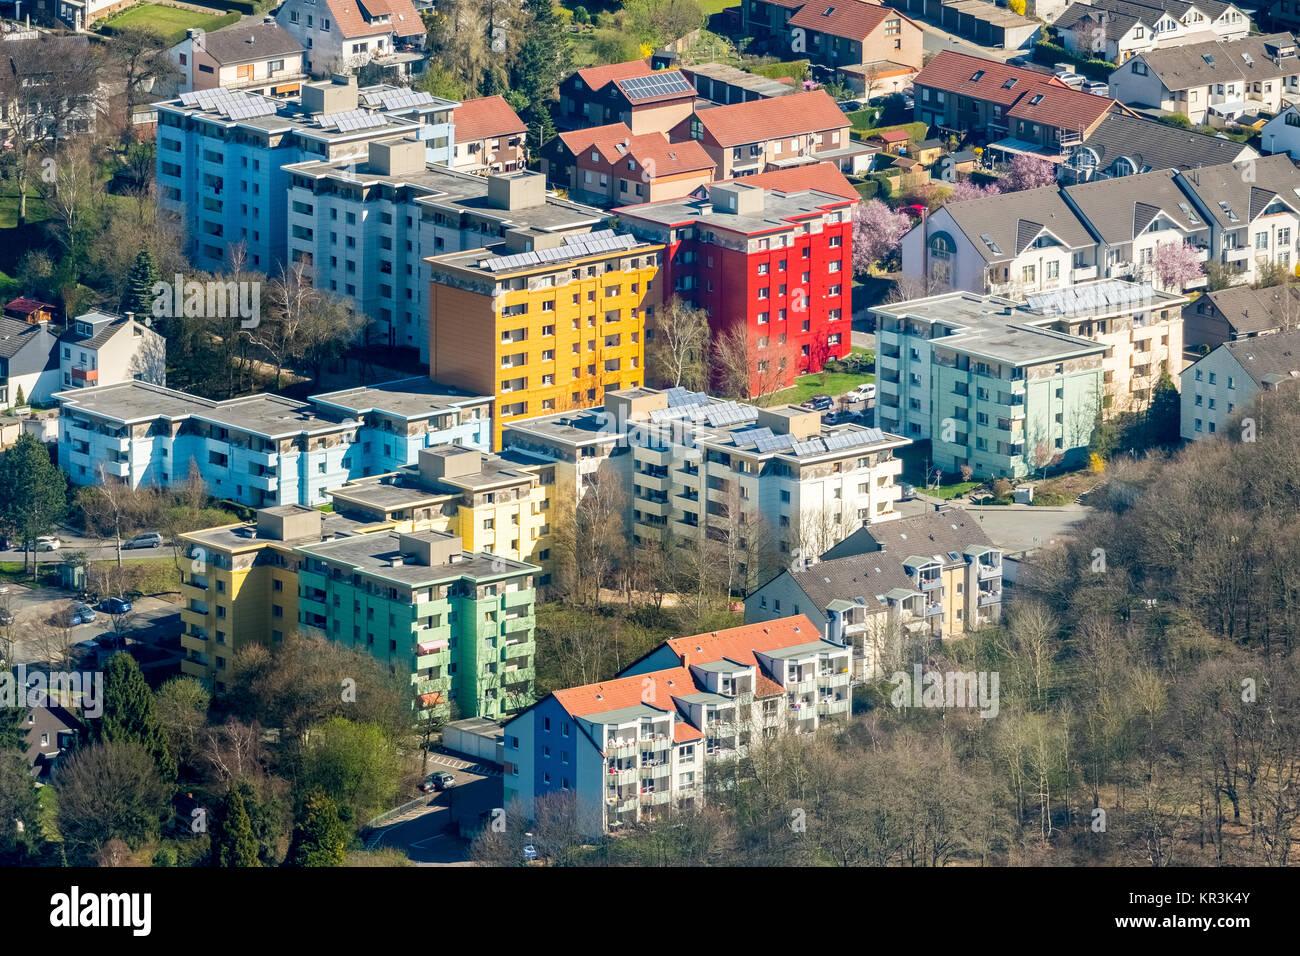 Grattacieli colorati, tenements, Quambusch, Hoexter road, Hagen, zona della Ruhr, Renania settentrionale-Vestfalia, Immagini Stock